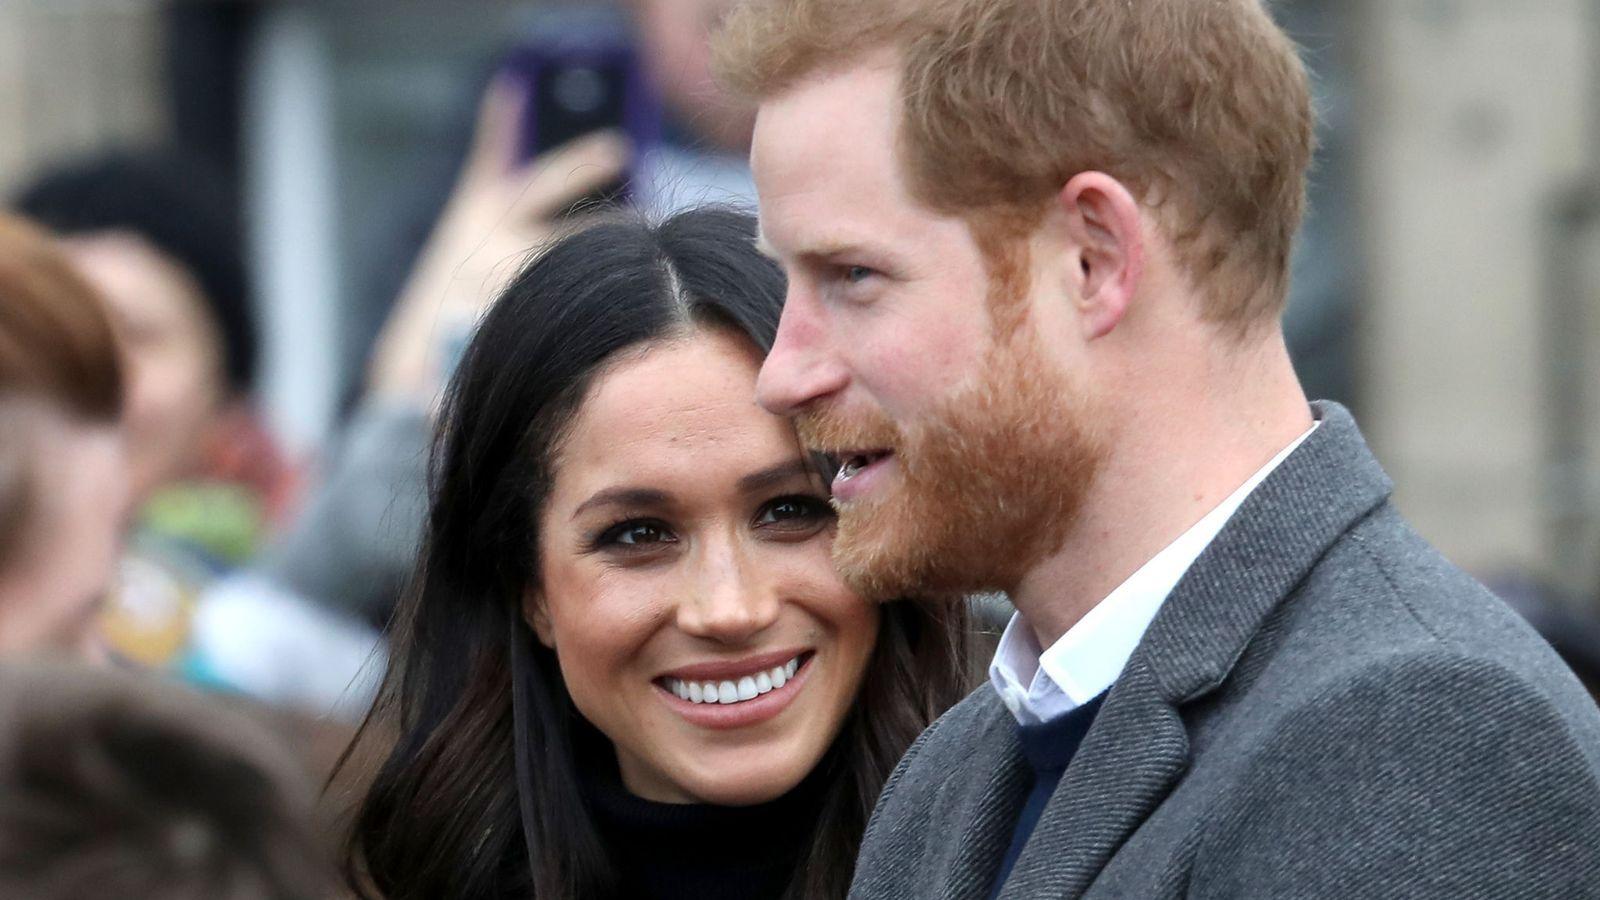 Prince Harry And Meghan Markle Wow Edinburgh Crowds Meghan Markle